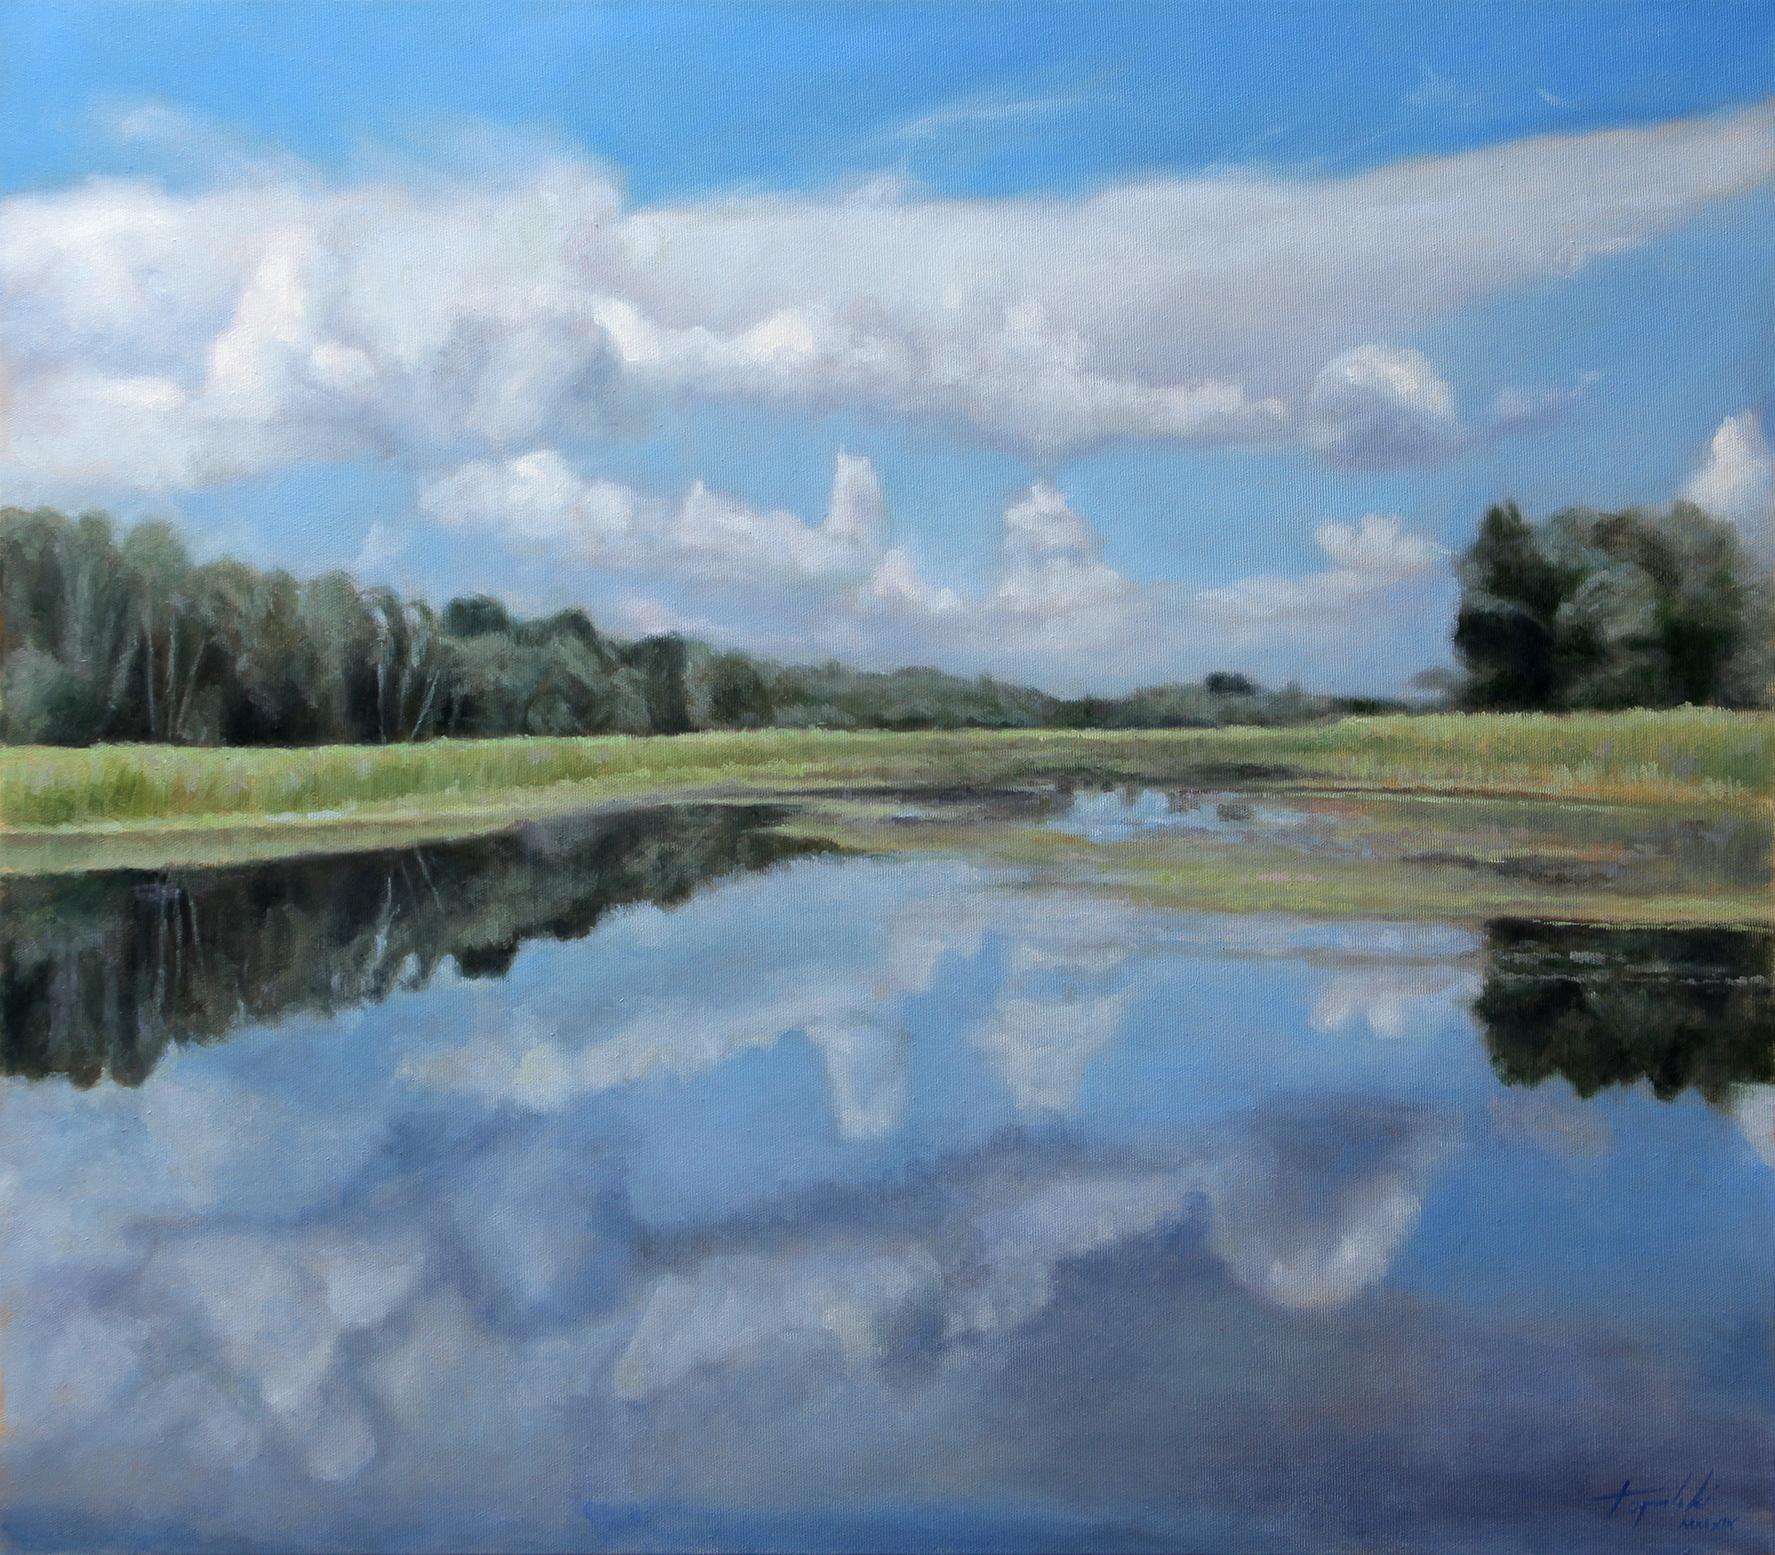 Umetnička slika - Zasavica 70x80cm Ulje na platnu - umetnik Darko TOPALSKI